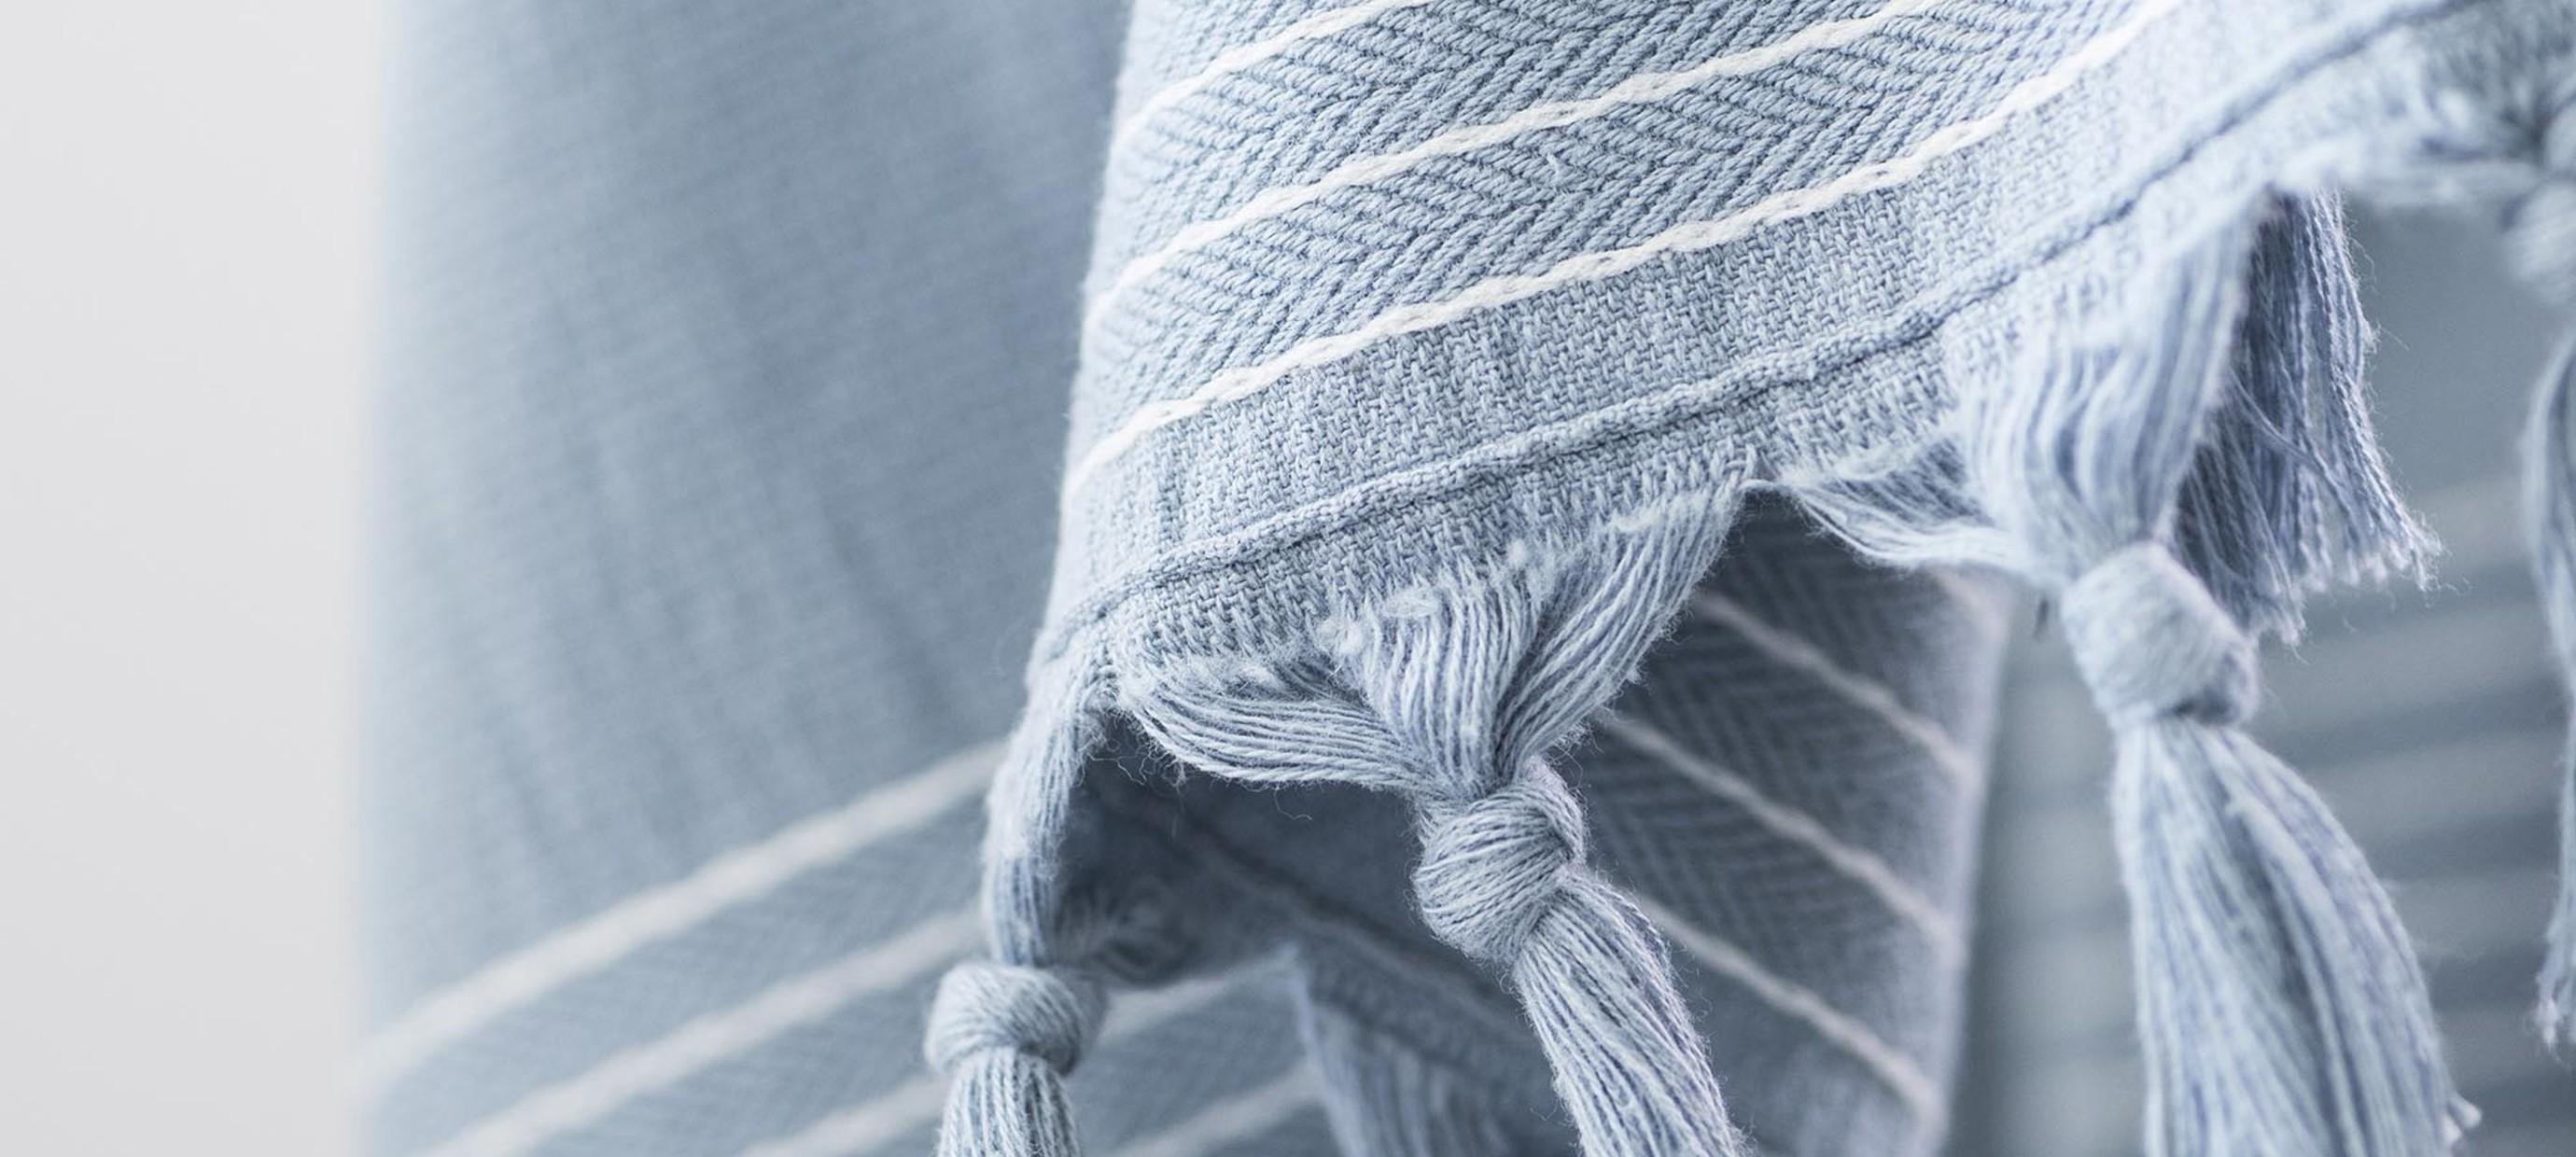 Wat is een hamamdoek?